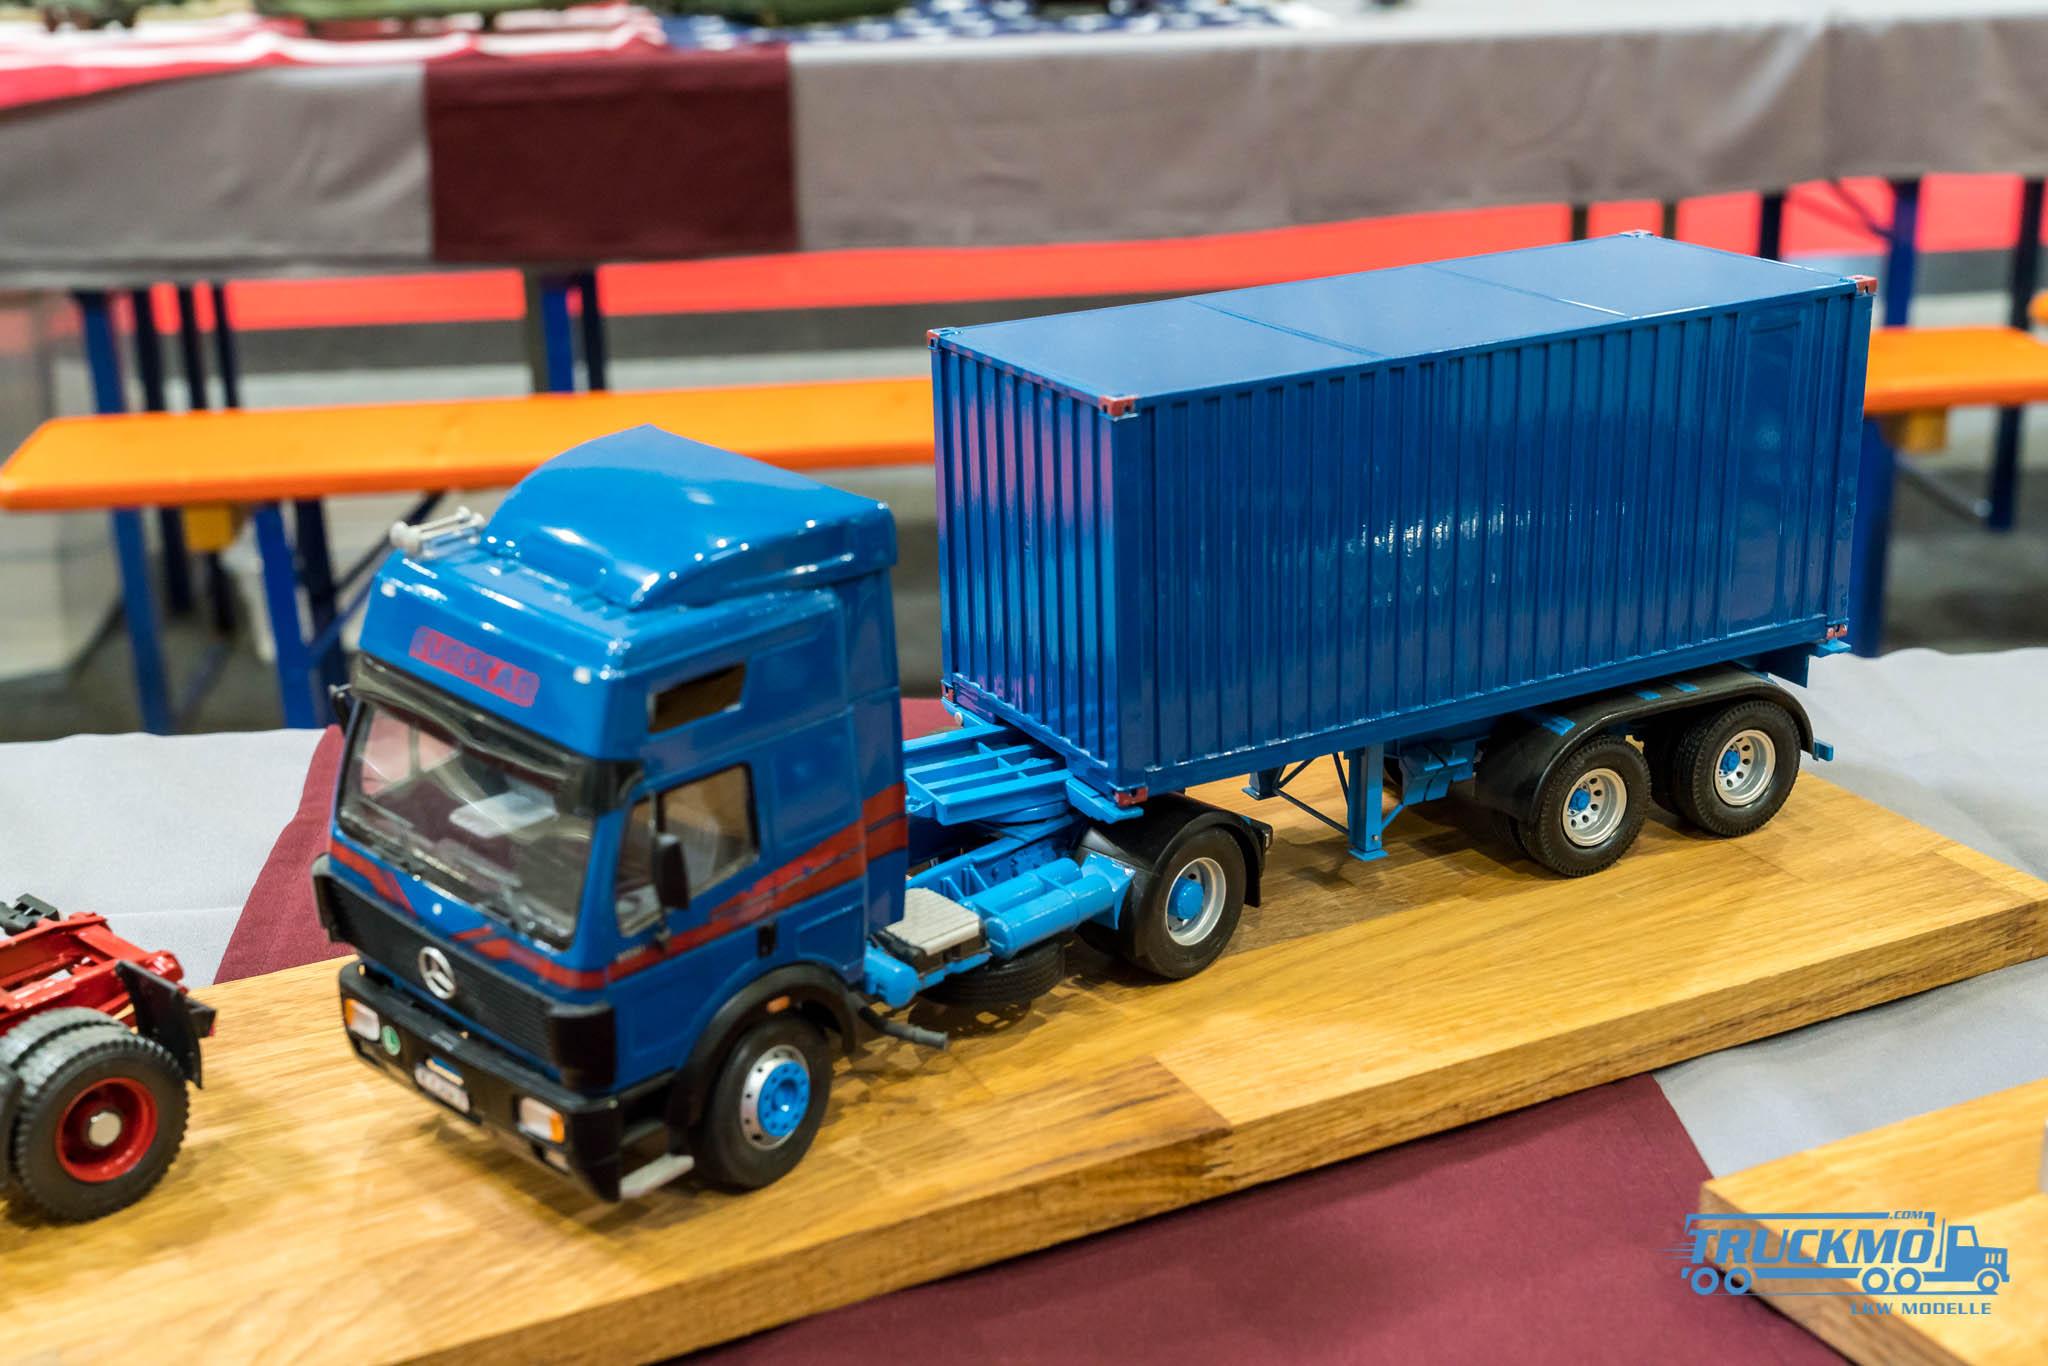 Truckmo_Modellbau_Ried_2017_Herpa_Messe_Modellbauausstellung (540 von 1177)